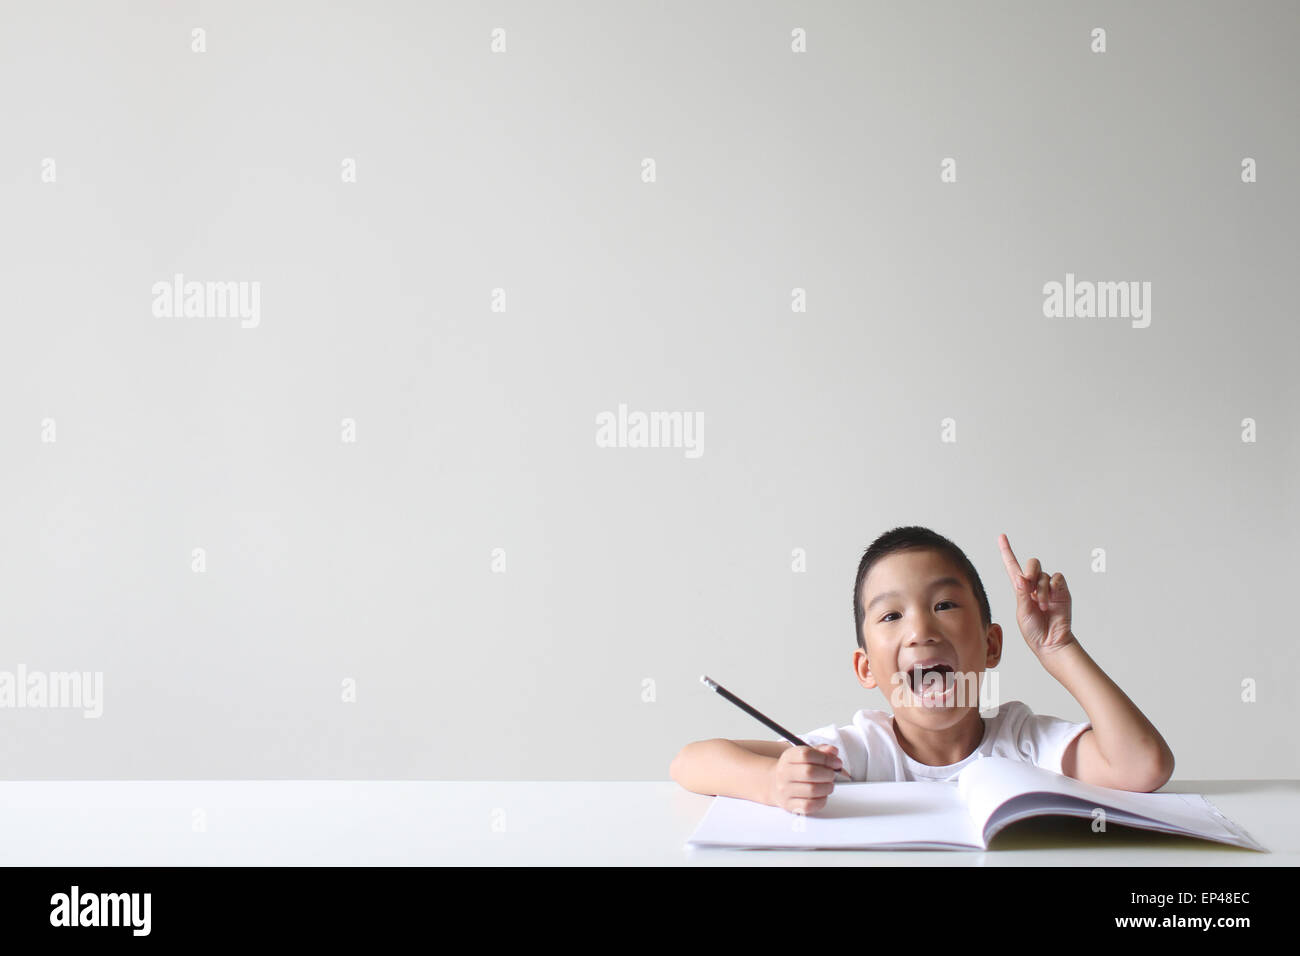 Junge mit einer Idee während des Studiums Stockbild